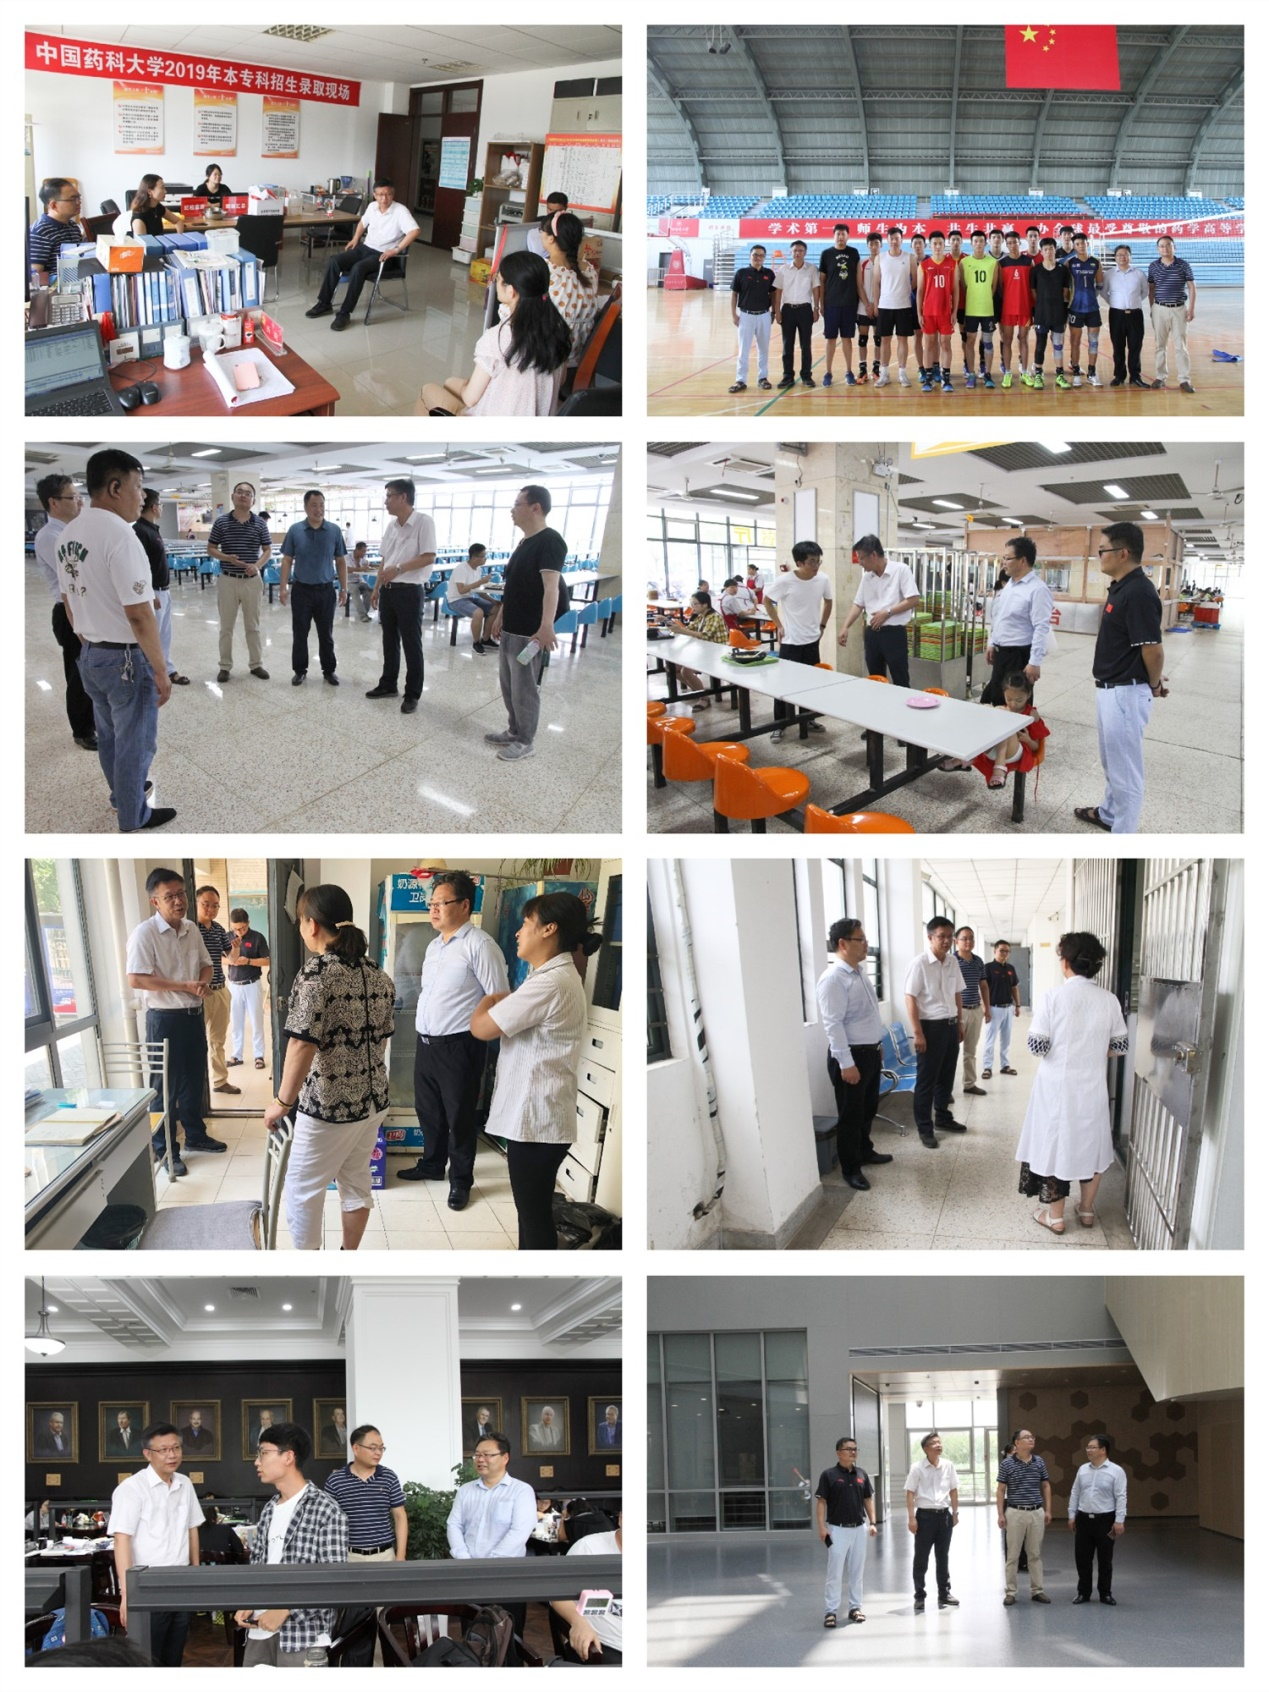 校党委副书记、副校长王正华带队走访看望暑假留校学生